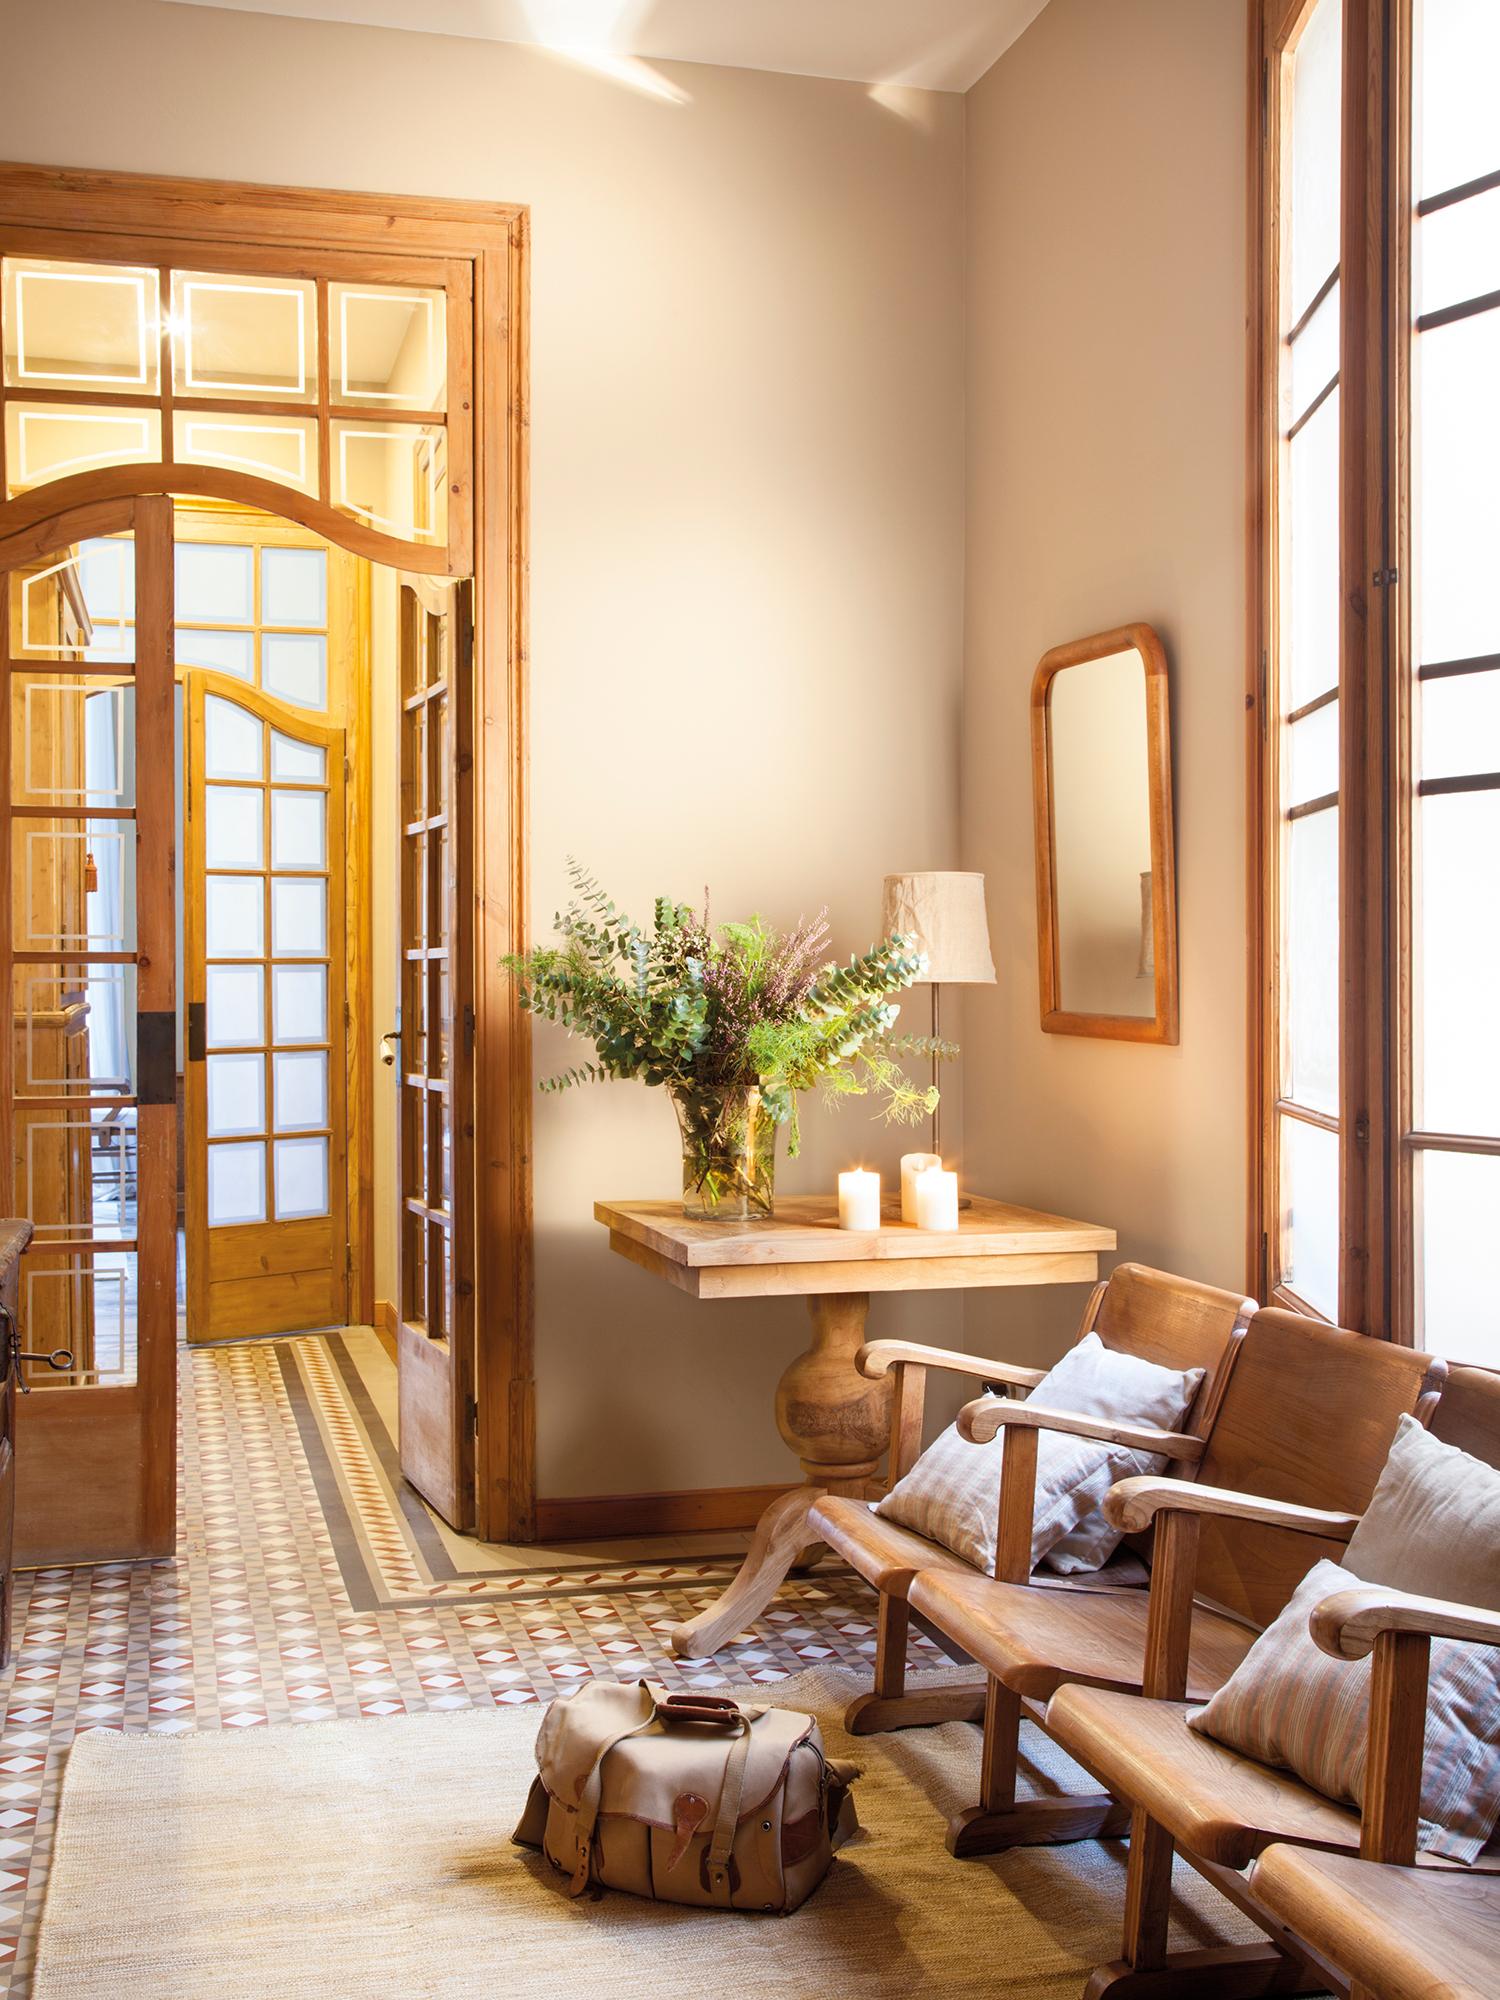 Puertas claves para renovarlas for Puertas antiguas para decoracion